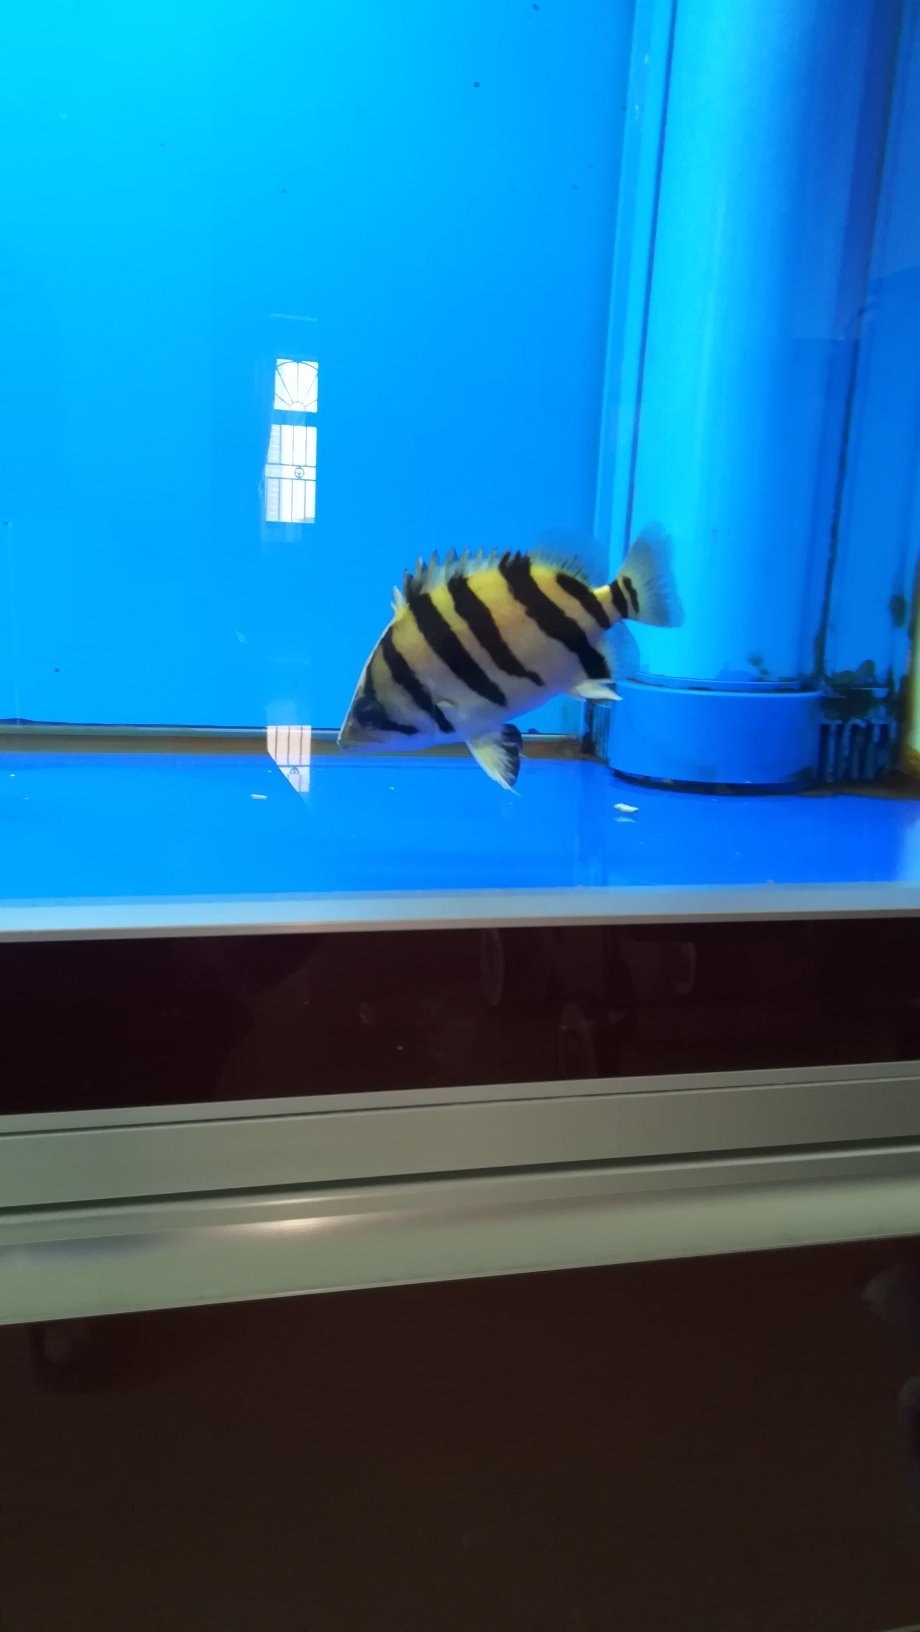 龙鱼的新伙伴小黑虎 湖州水族批发市场 湖州水族批发市场第2张